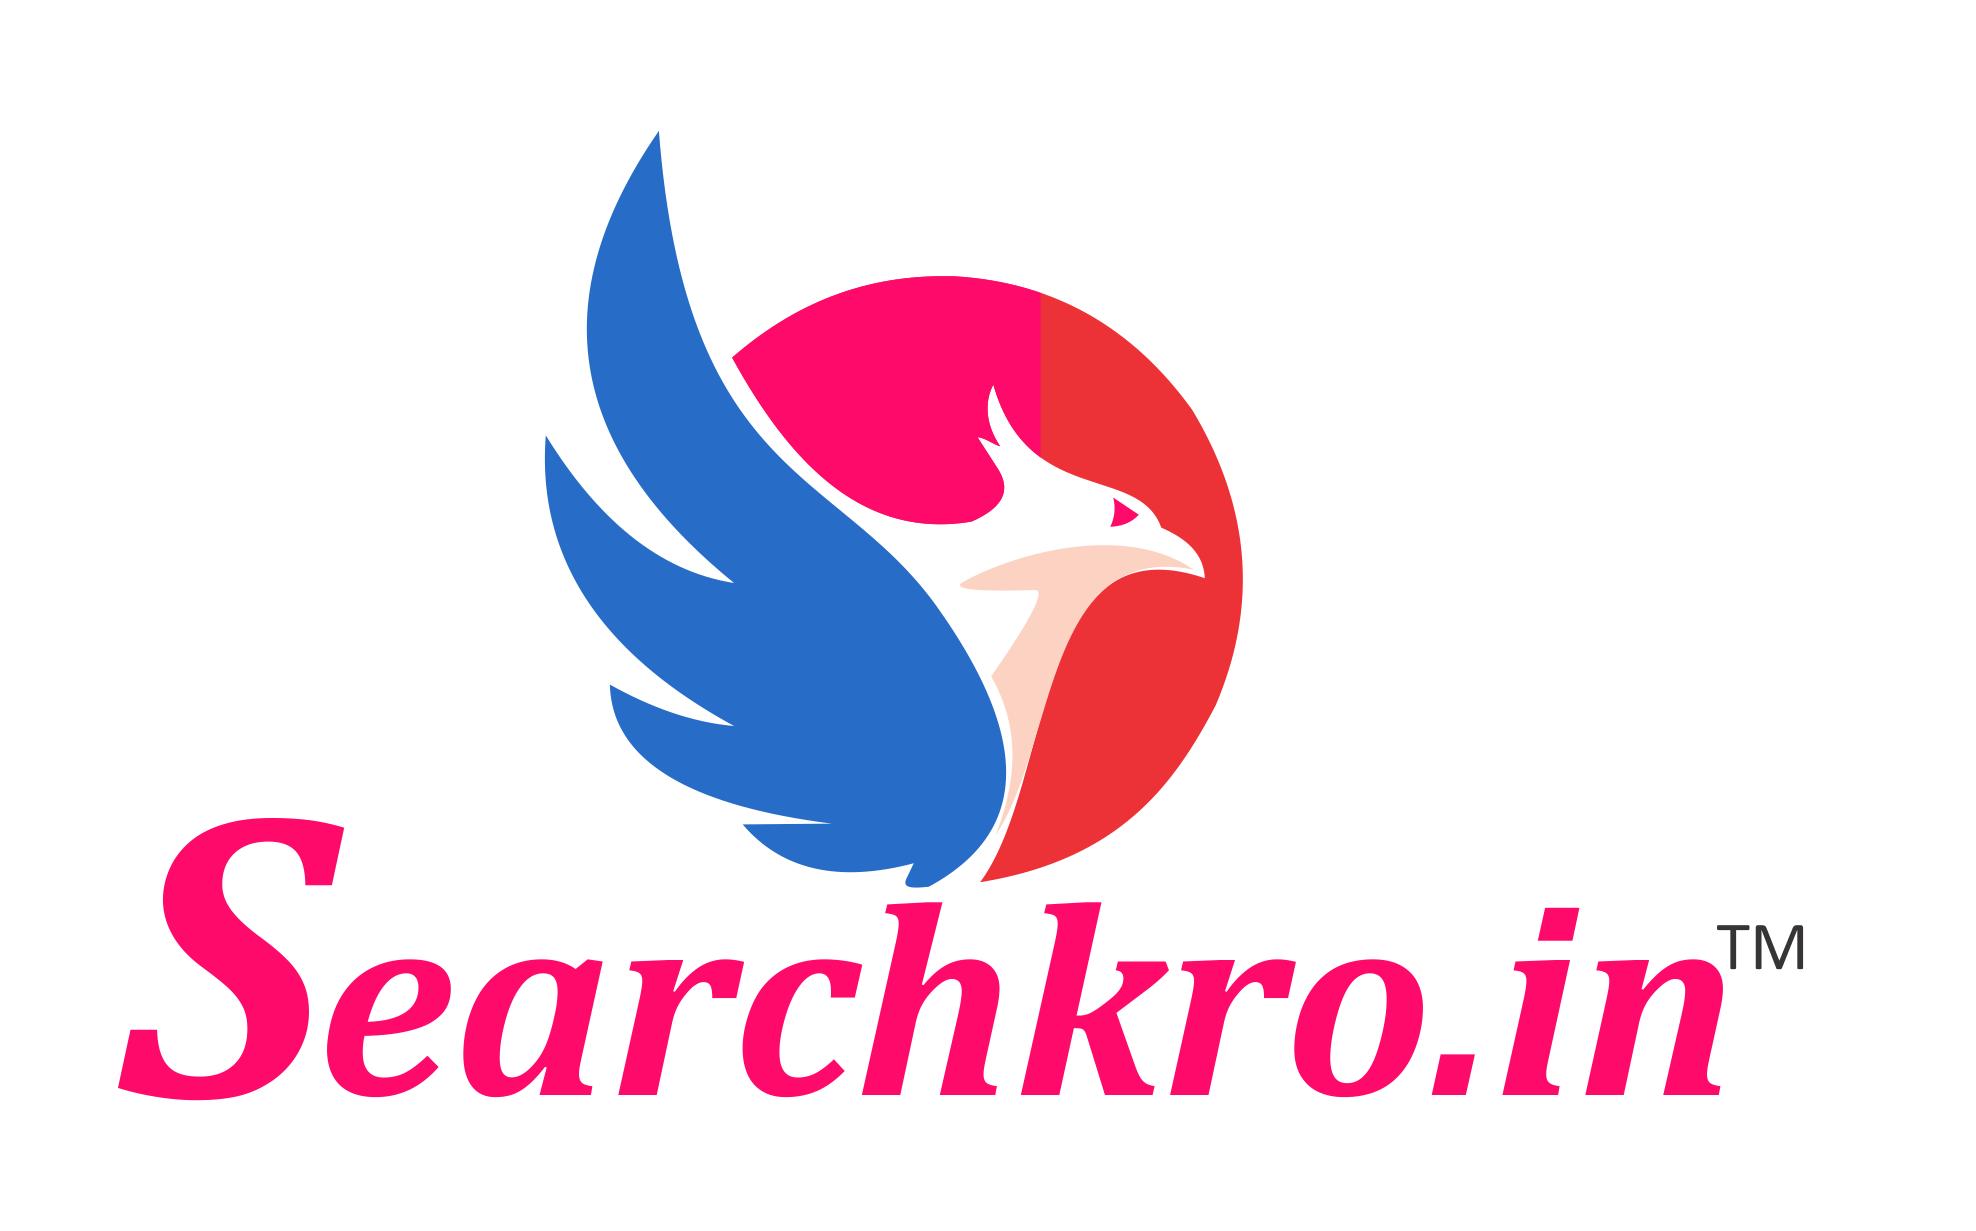 Searchkro.in